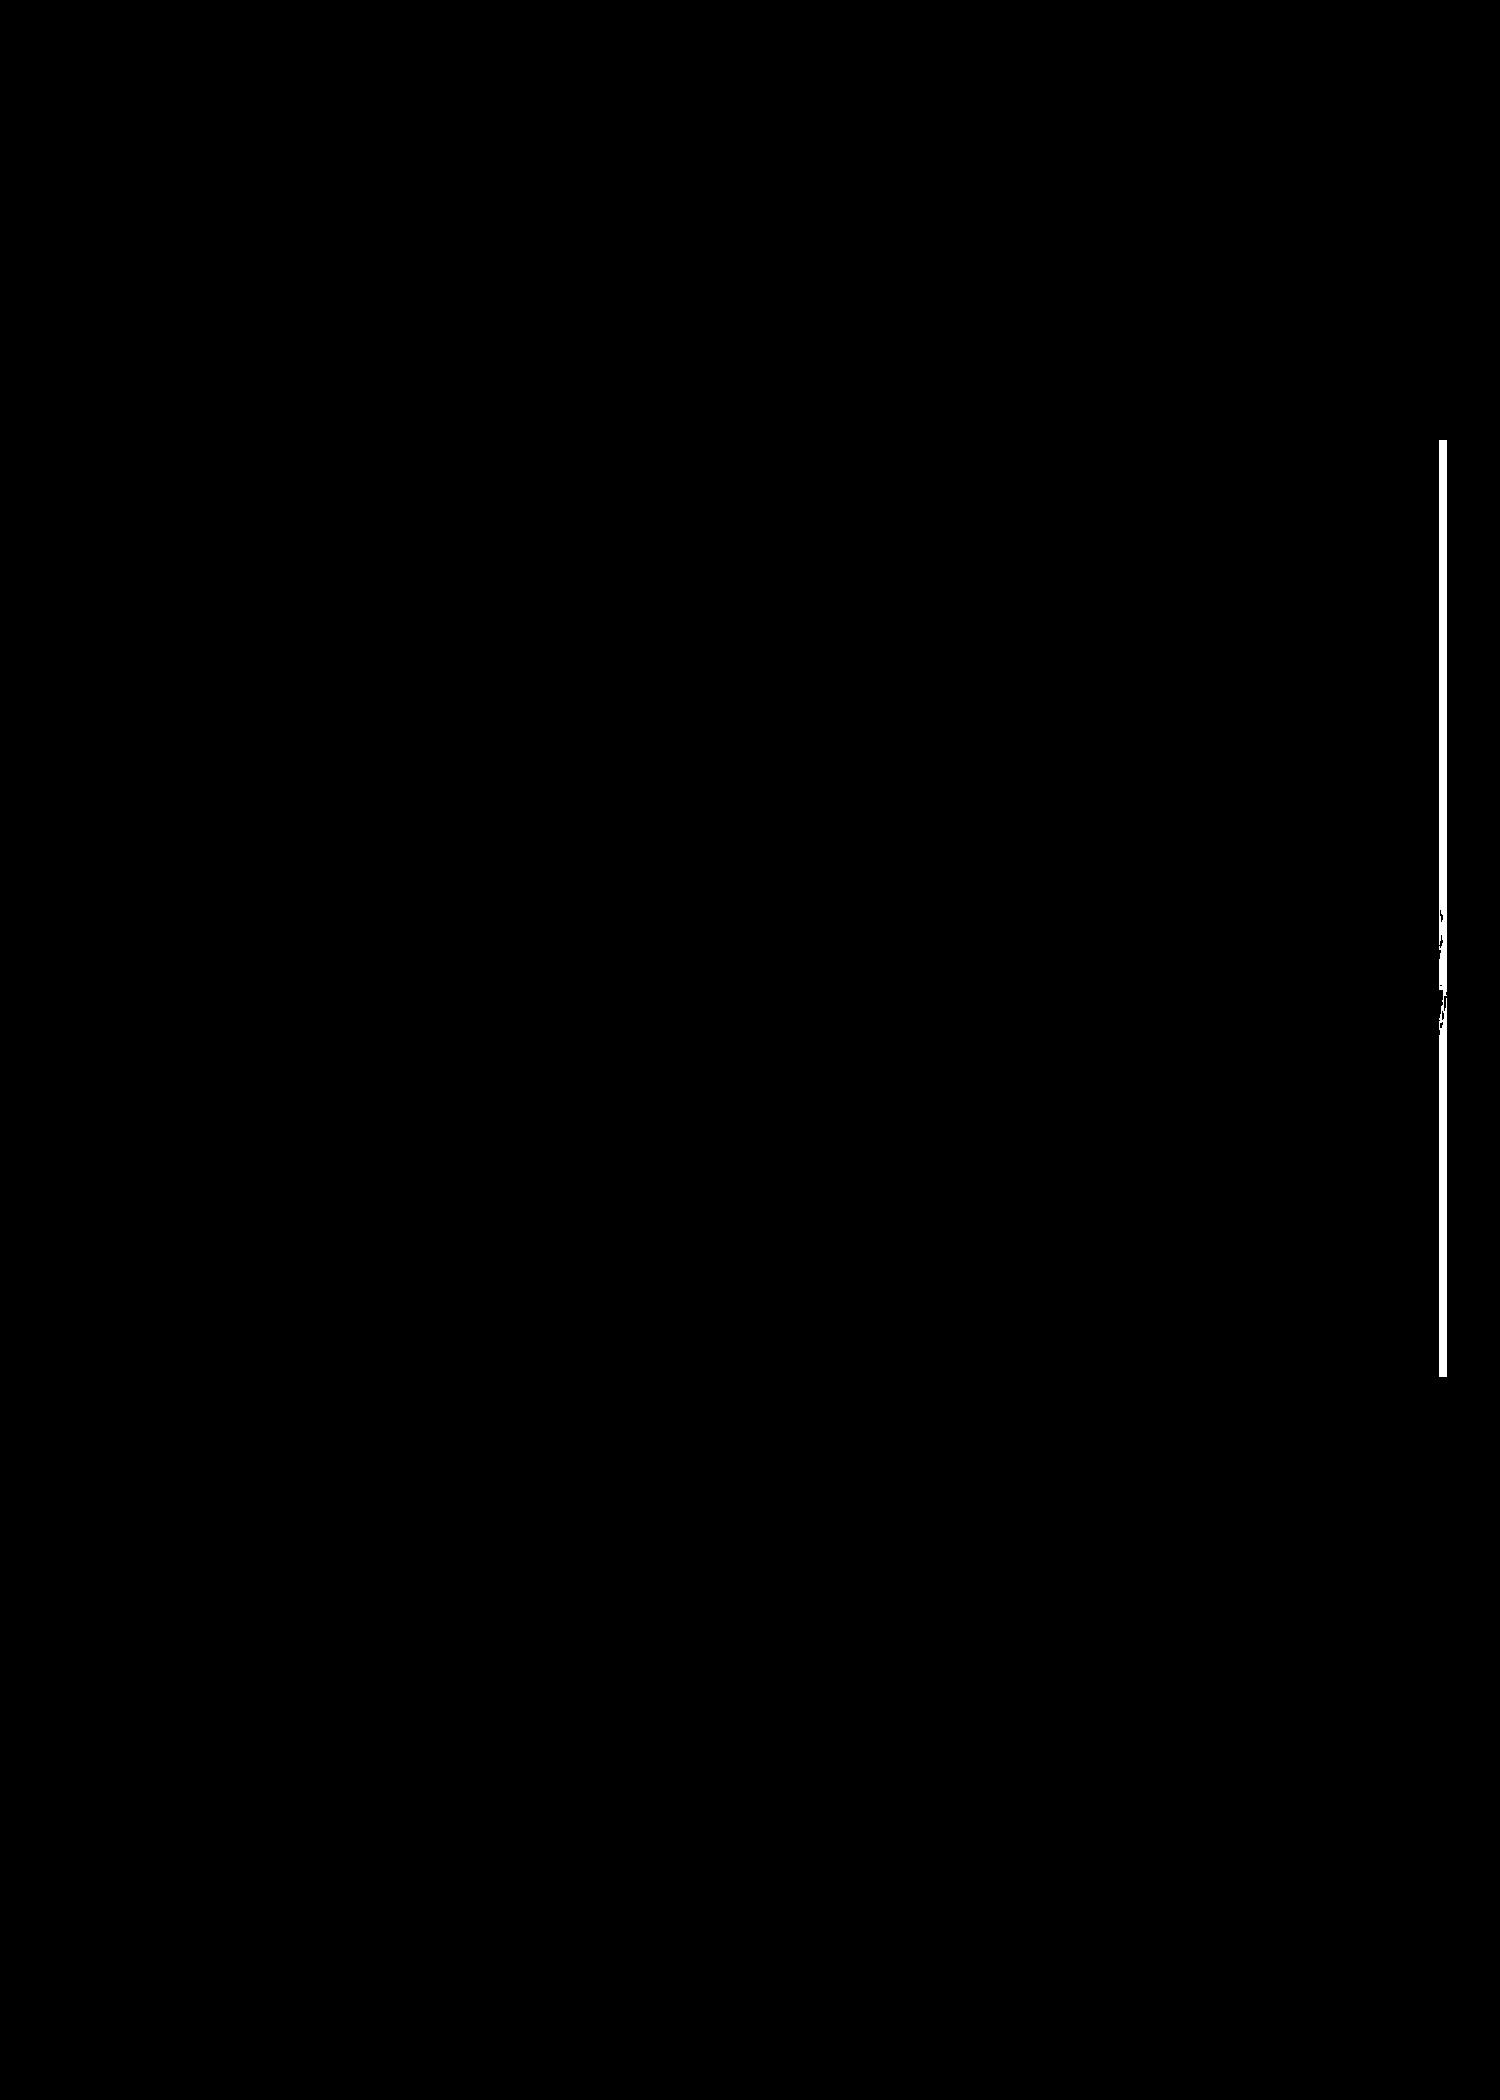 QPIFF_Crown_Official_Selection_Laurel_-_Third_QTR_2020_(Black)